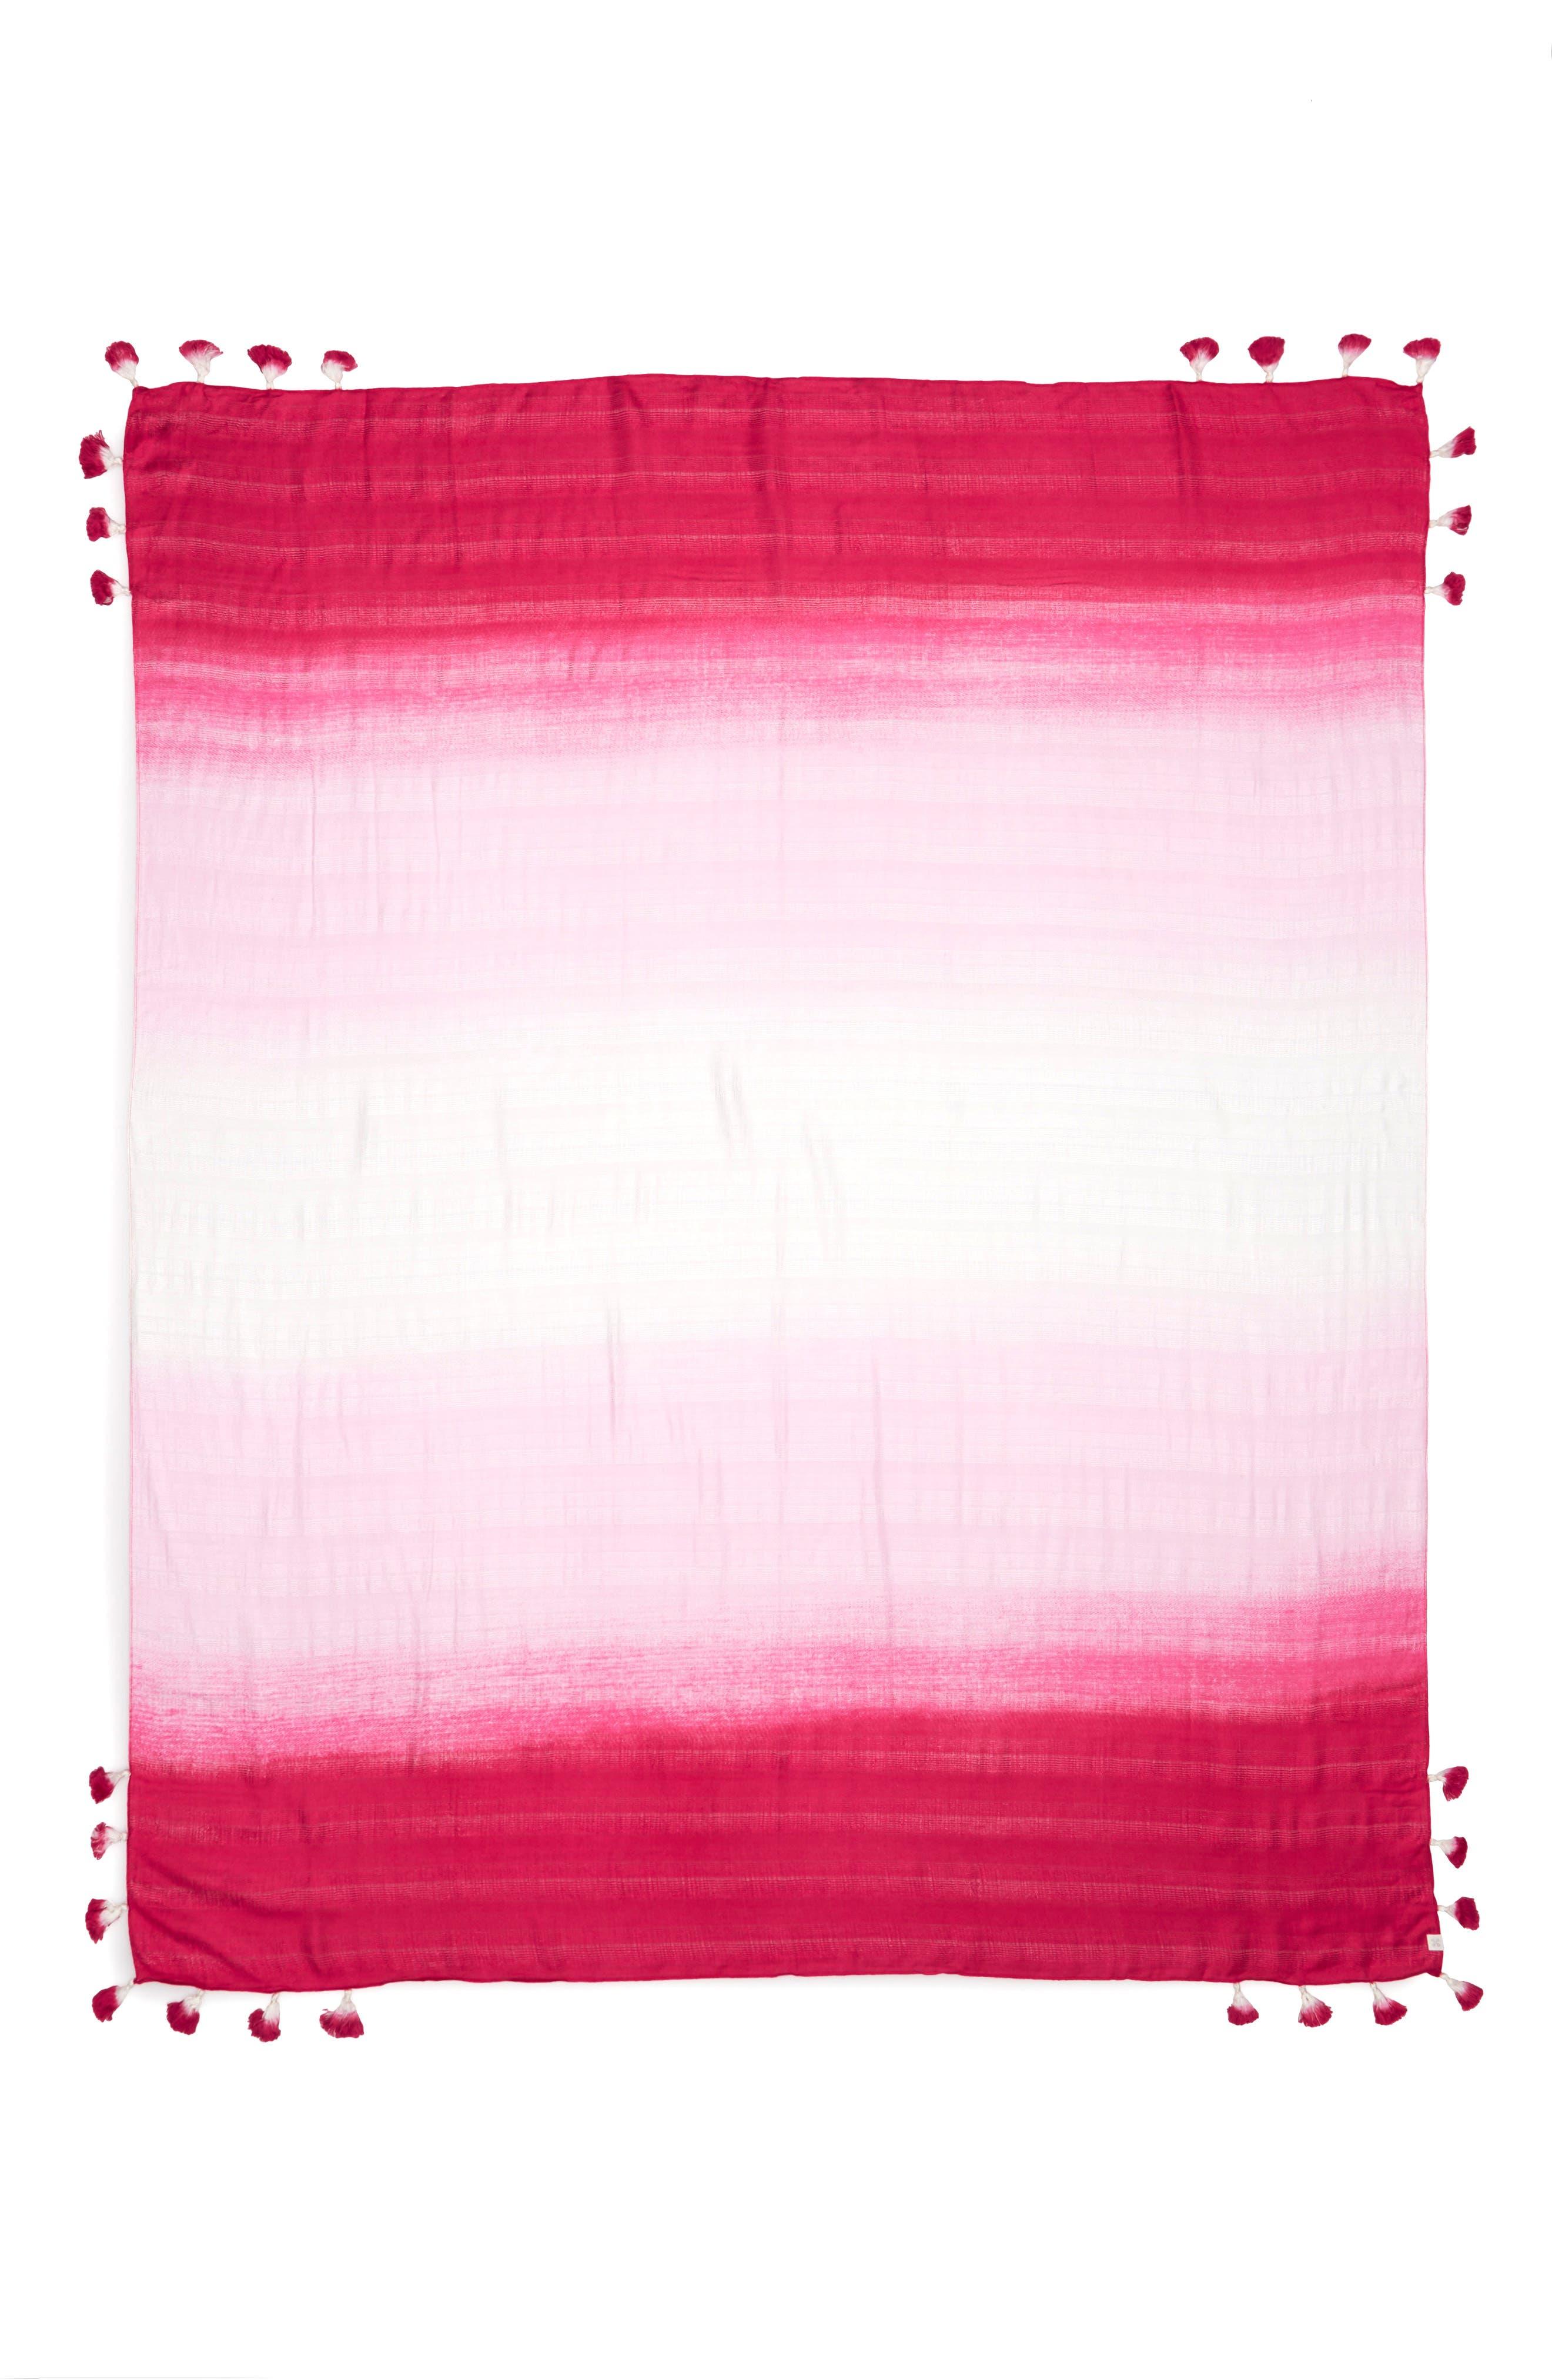 Caslon Ombré Pareo,                             Alternate thumbnail 2, color,                             Pink Ombre Print